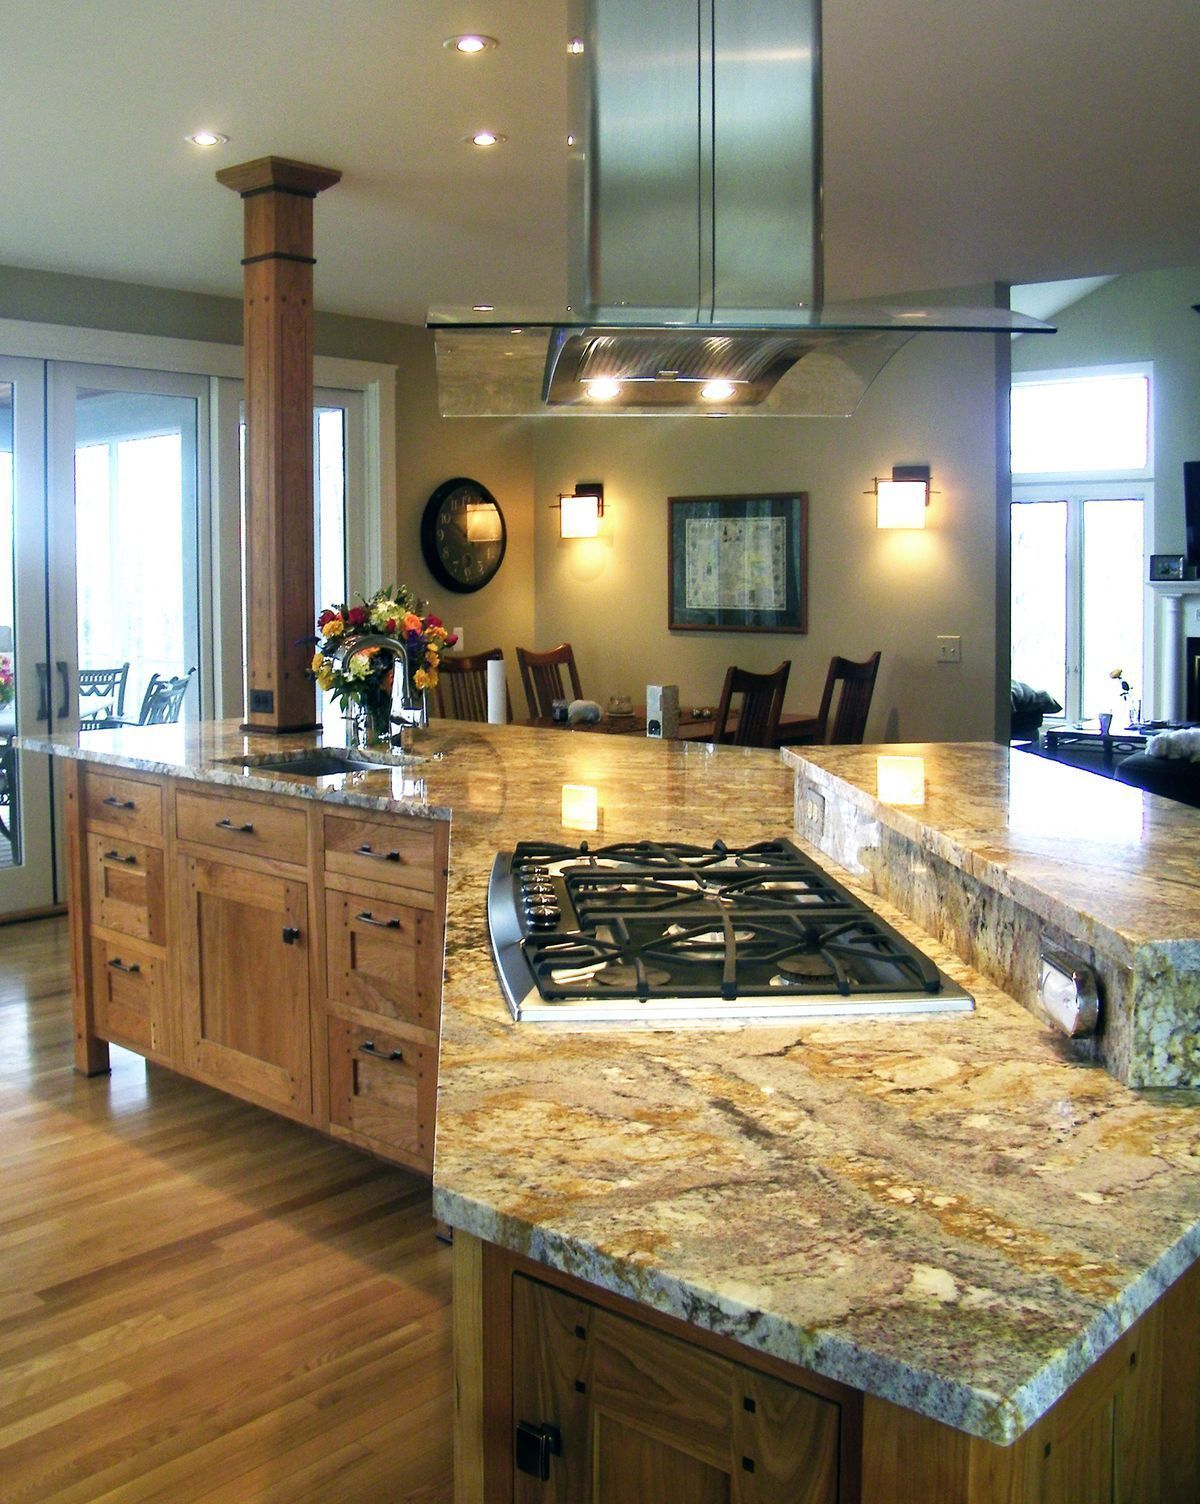 stunning kitchen island ideas for your kitchen kitchen layout rustic kitchen island kitchen on kitchen layout ideas with island id=21545